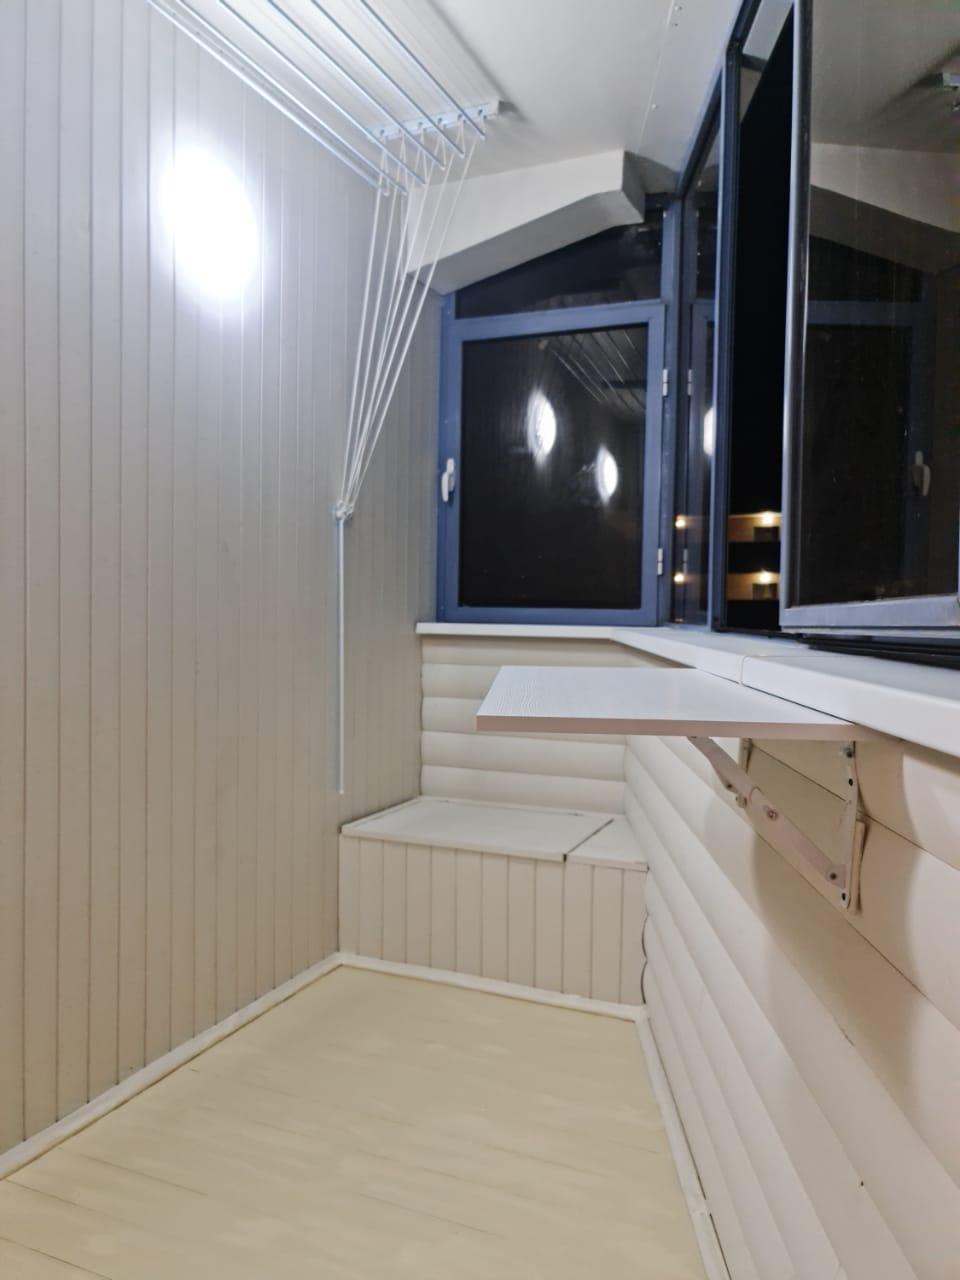 Установка шкафа, раздвижных окон, столика, вешалки и отделка балкона ул. Дружинная 3 - фото